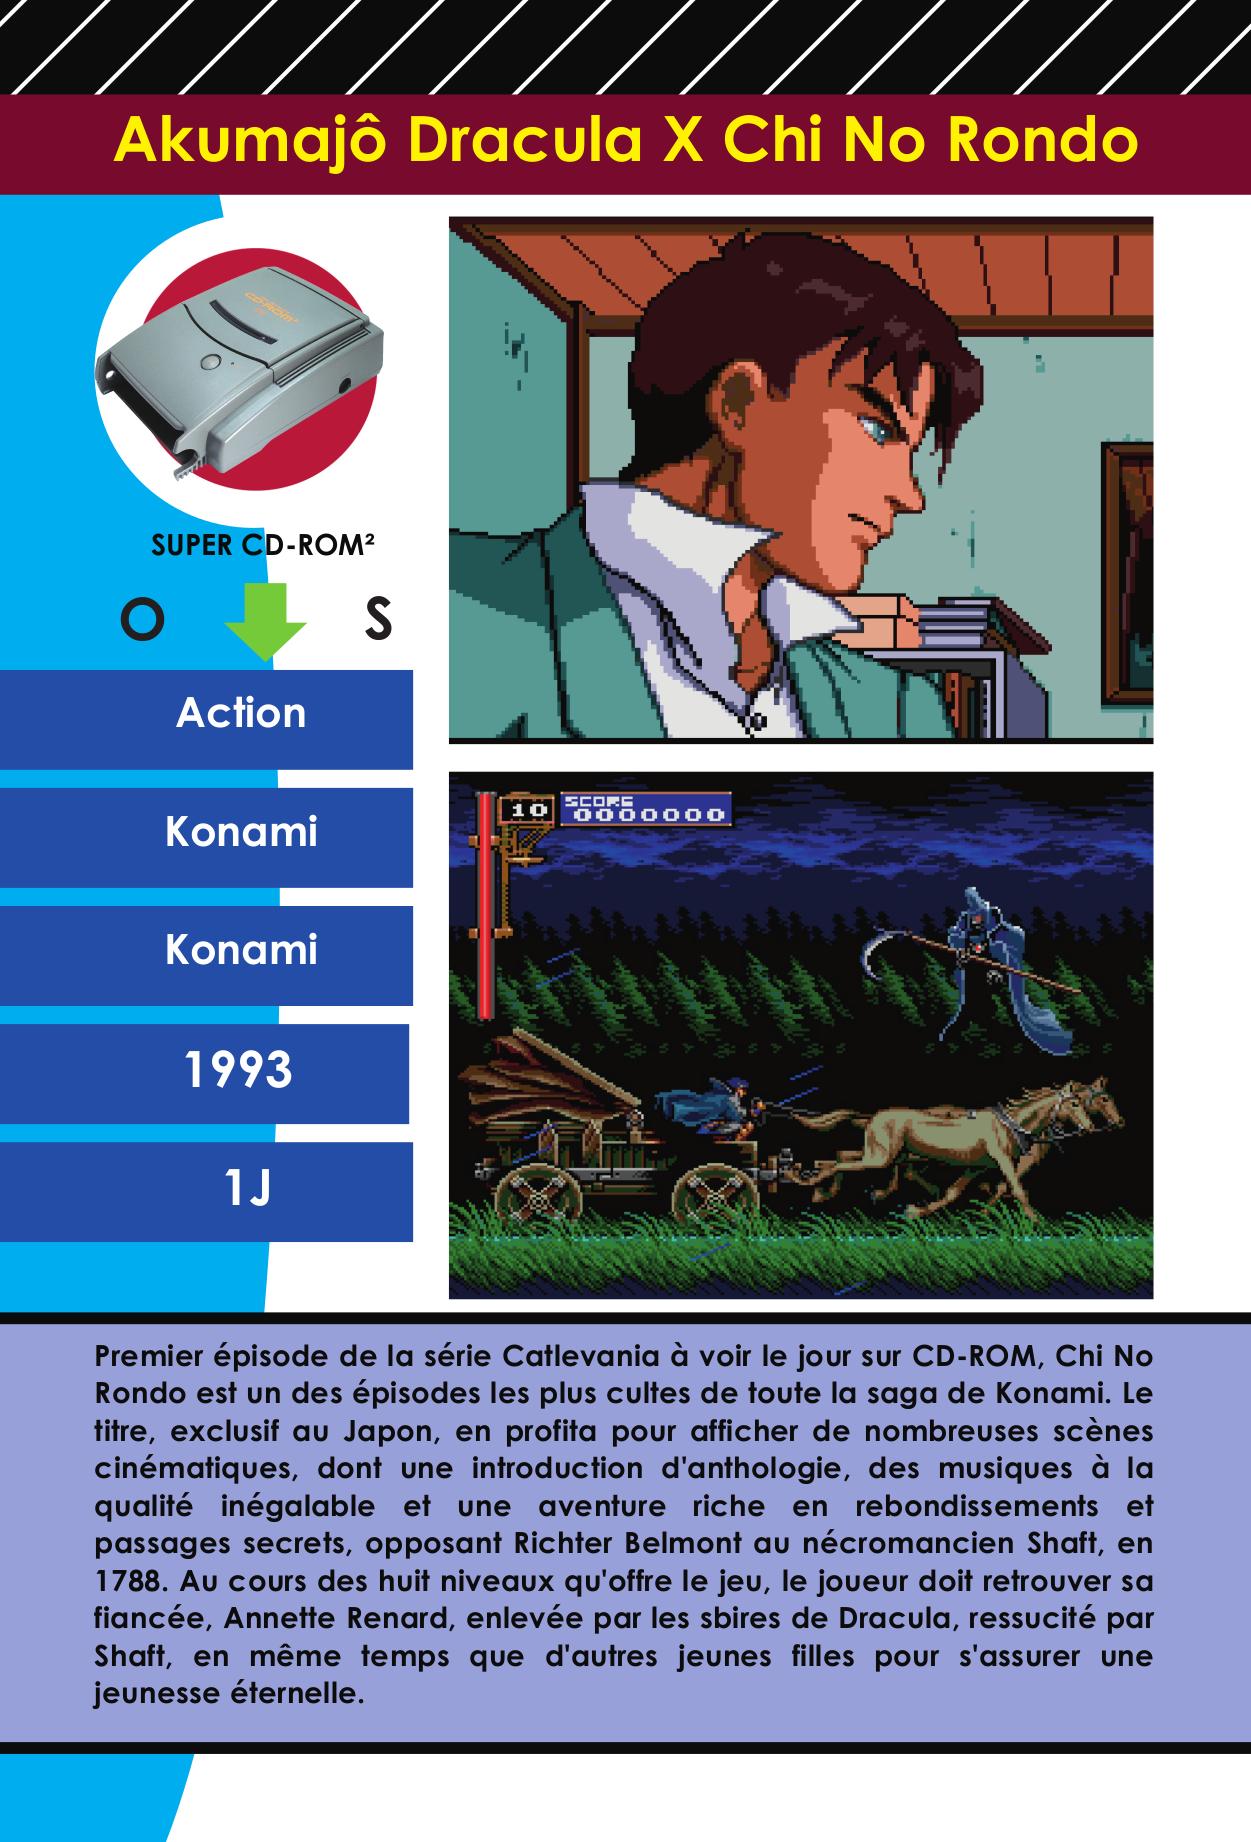 Fiche encyclopédie du jeu vidéo Akumajou Dracul X Chi No Rondo